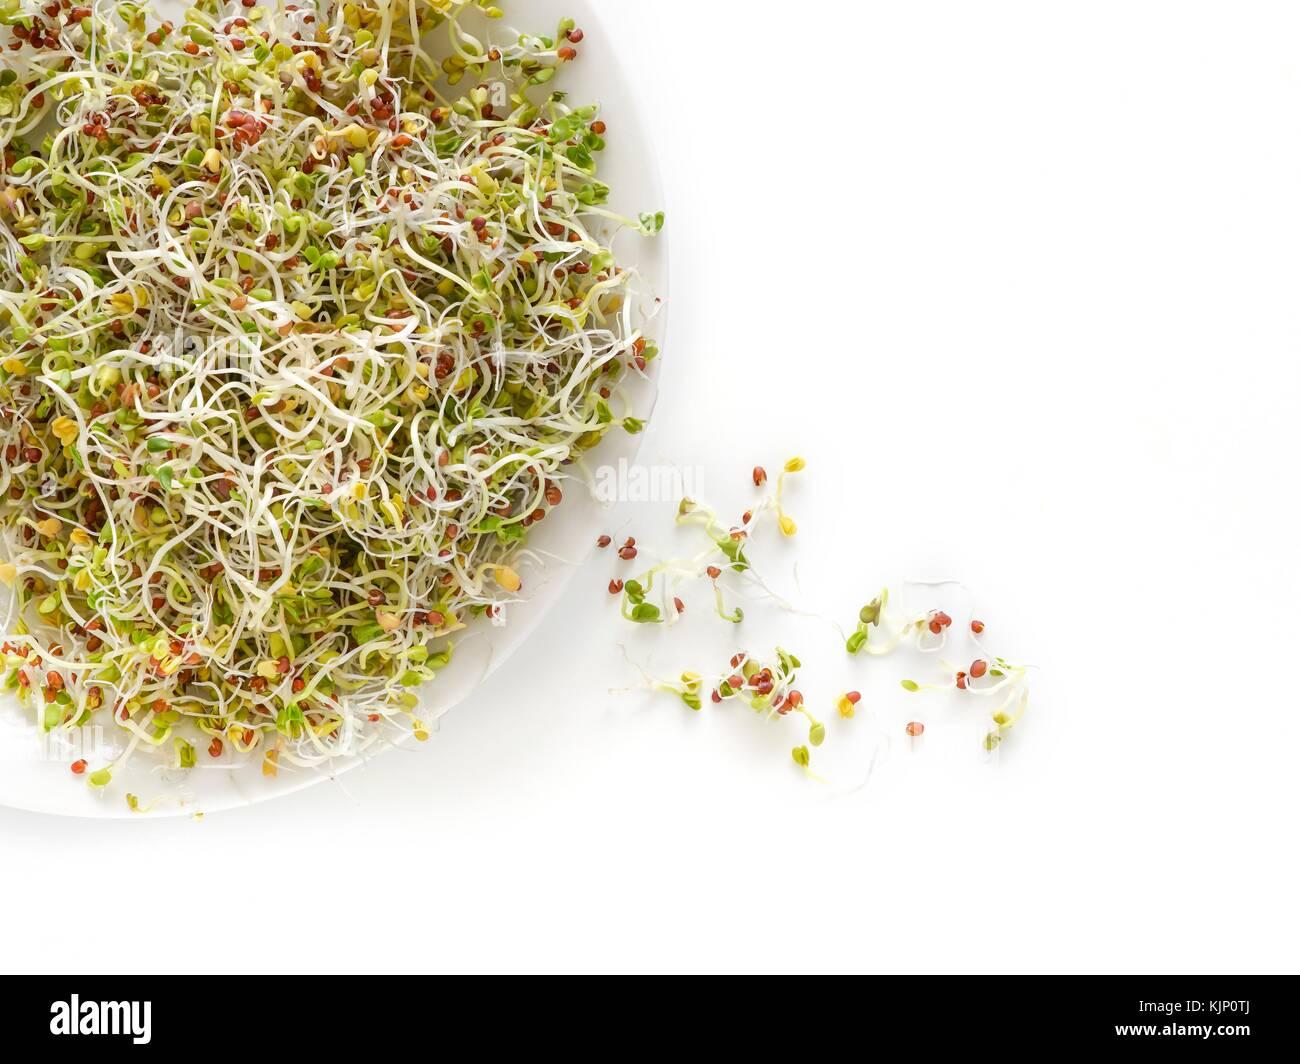 La germination des graines de moutarde brune sur un plat. Photo Stock